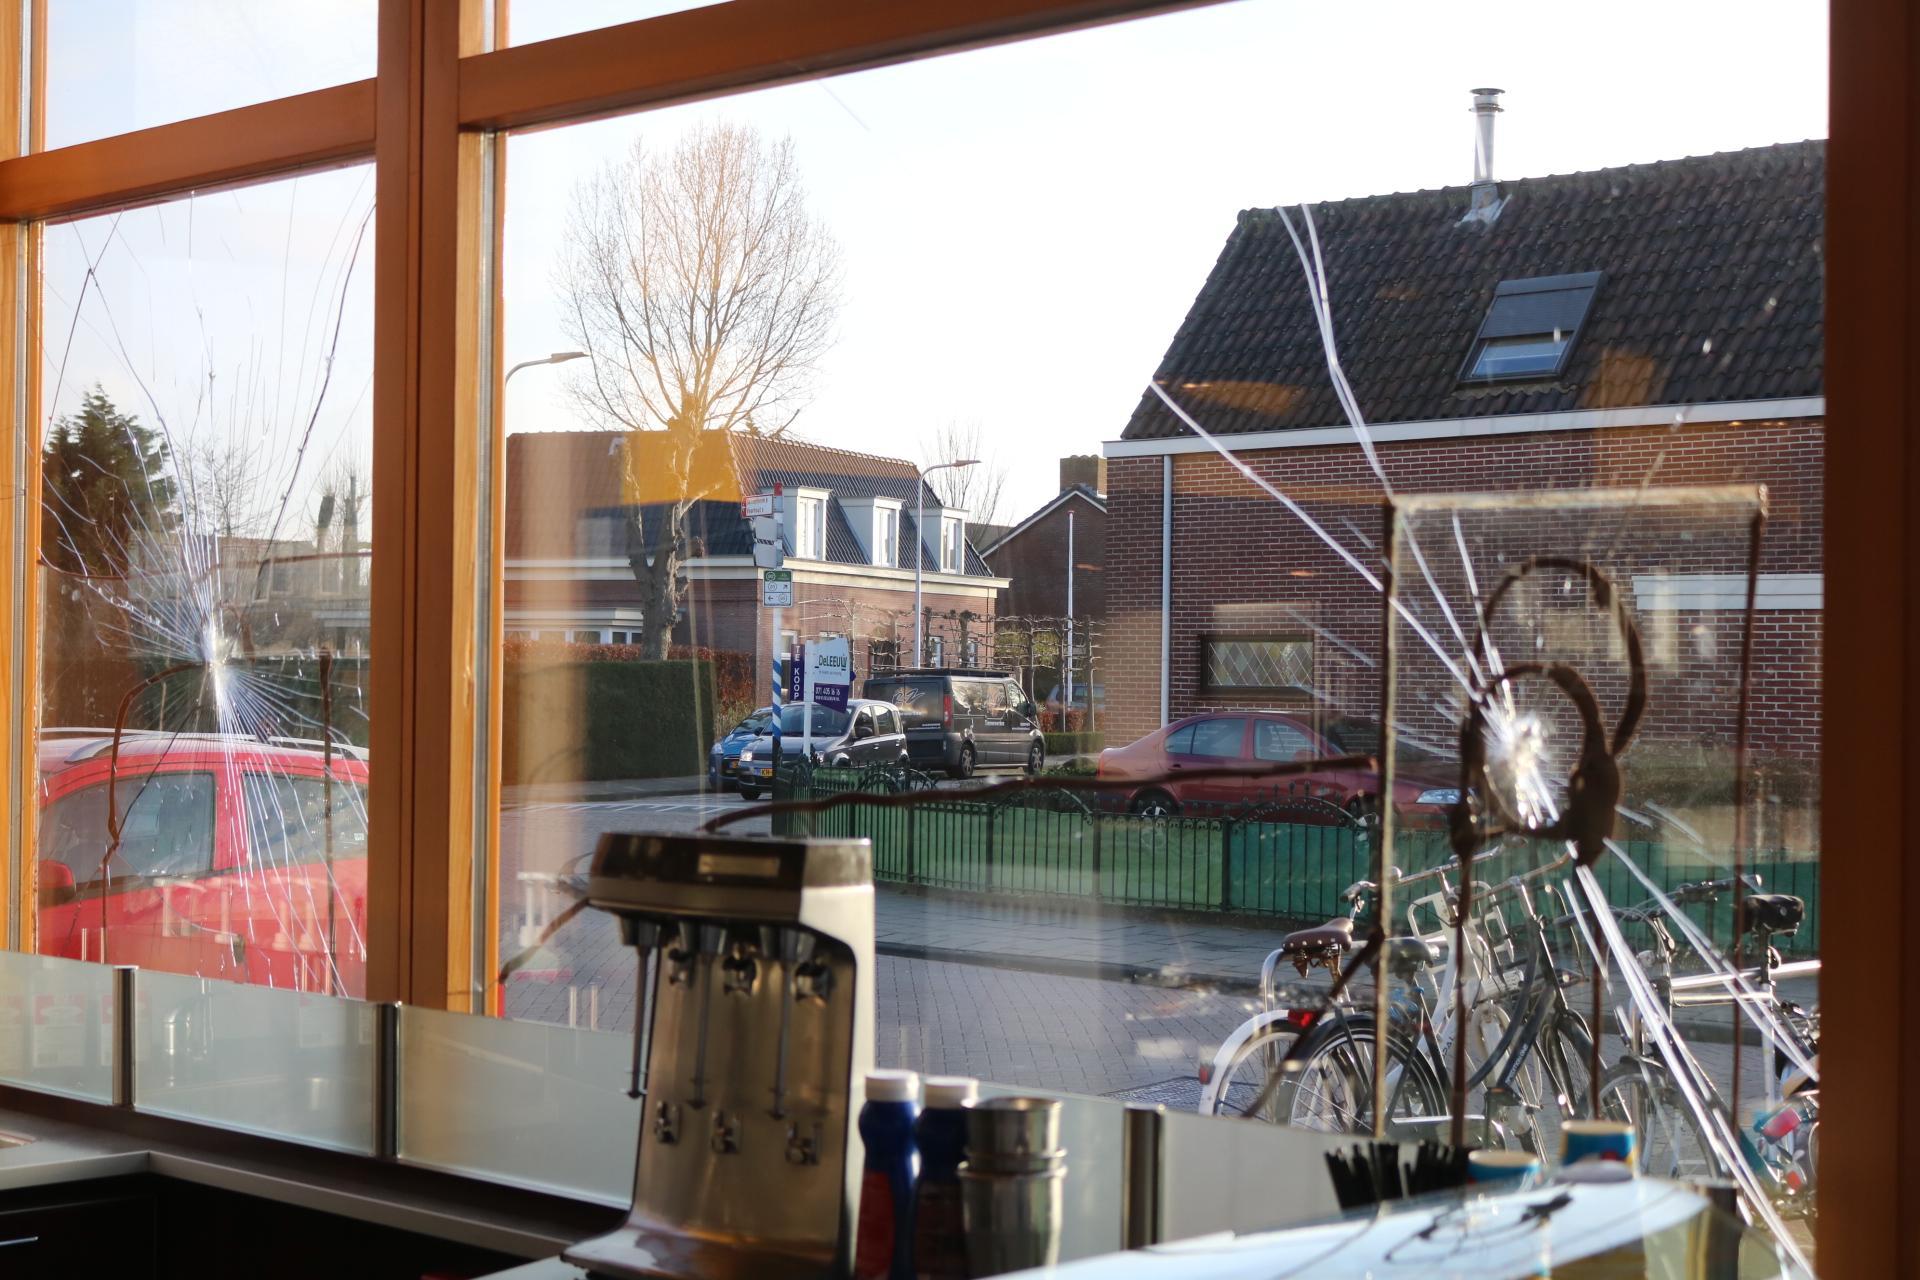 45-jarige man uit Katwijk opgepakt voor vernielen snackbar in Rijnsburg